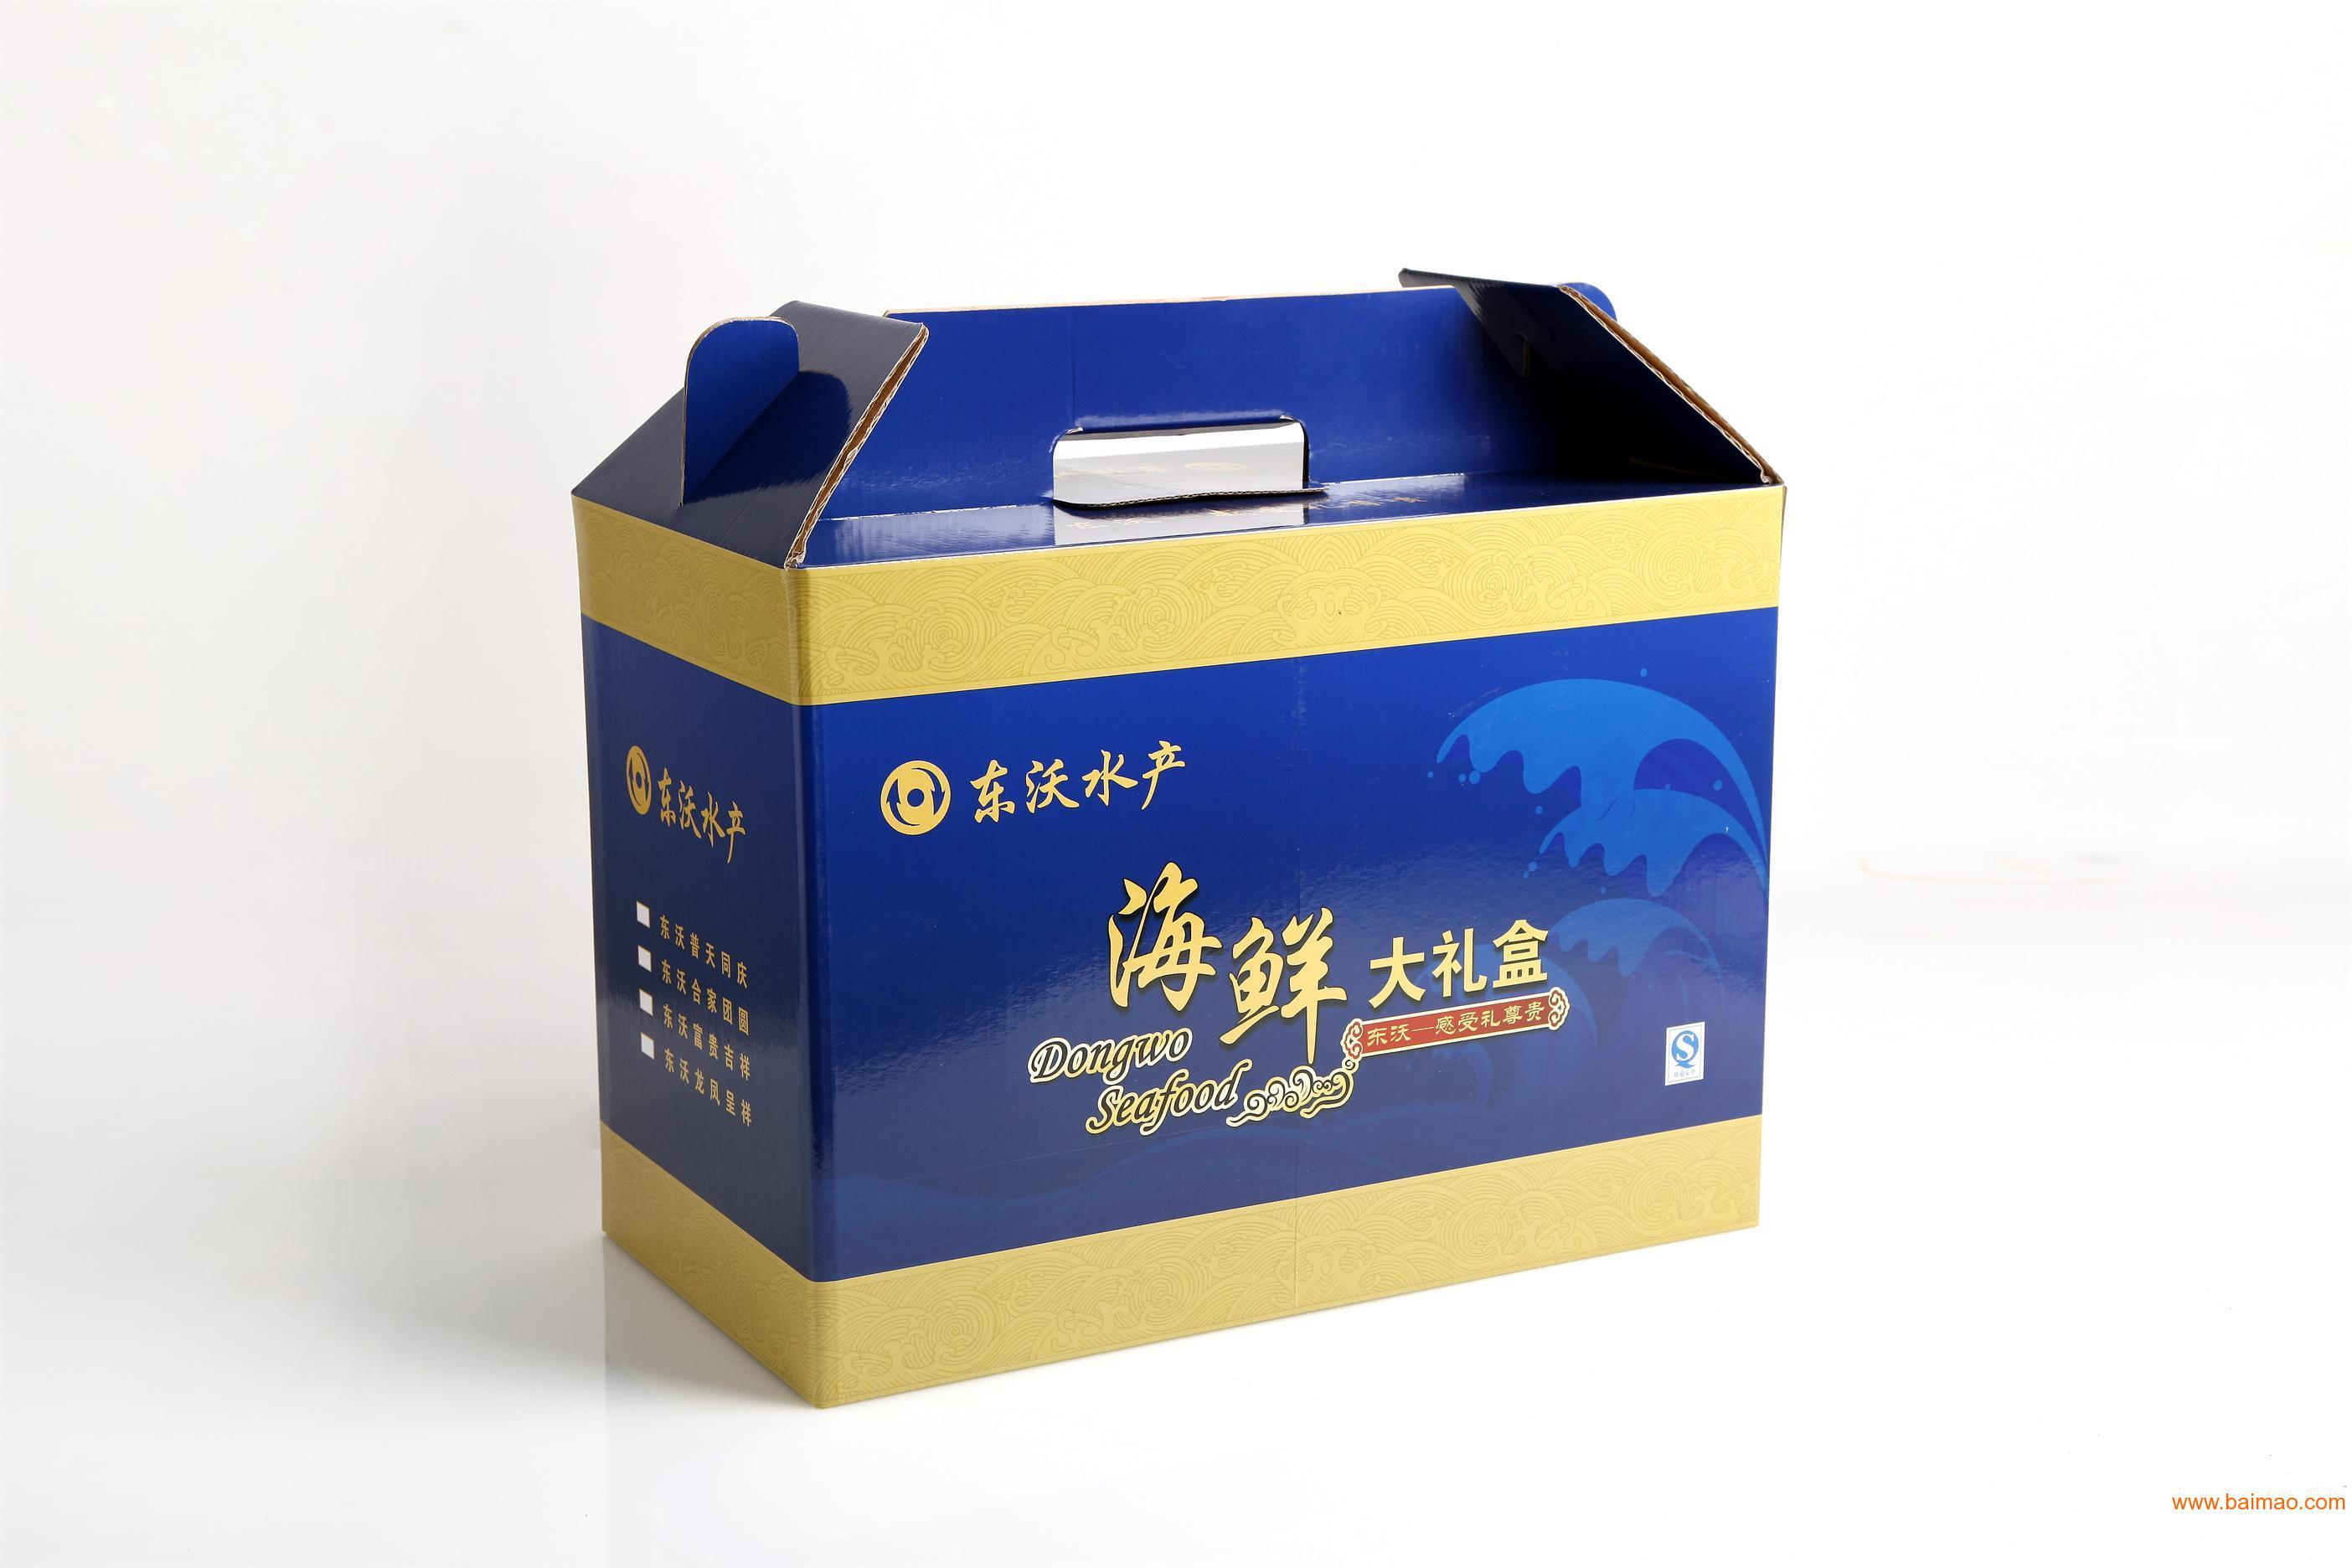 春节来临,厦门消费者认为历年来受好评海鲜礼盒,送礼上档次.图片